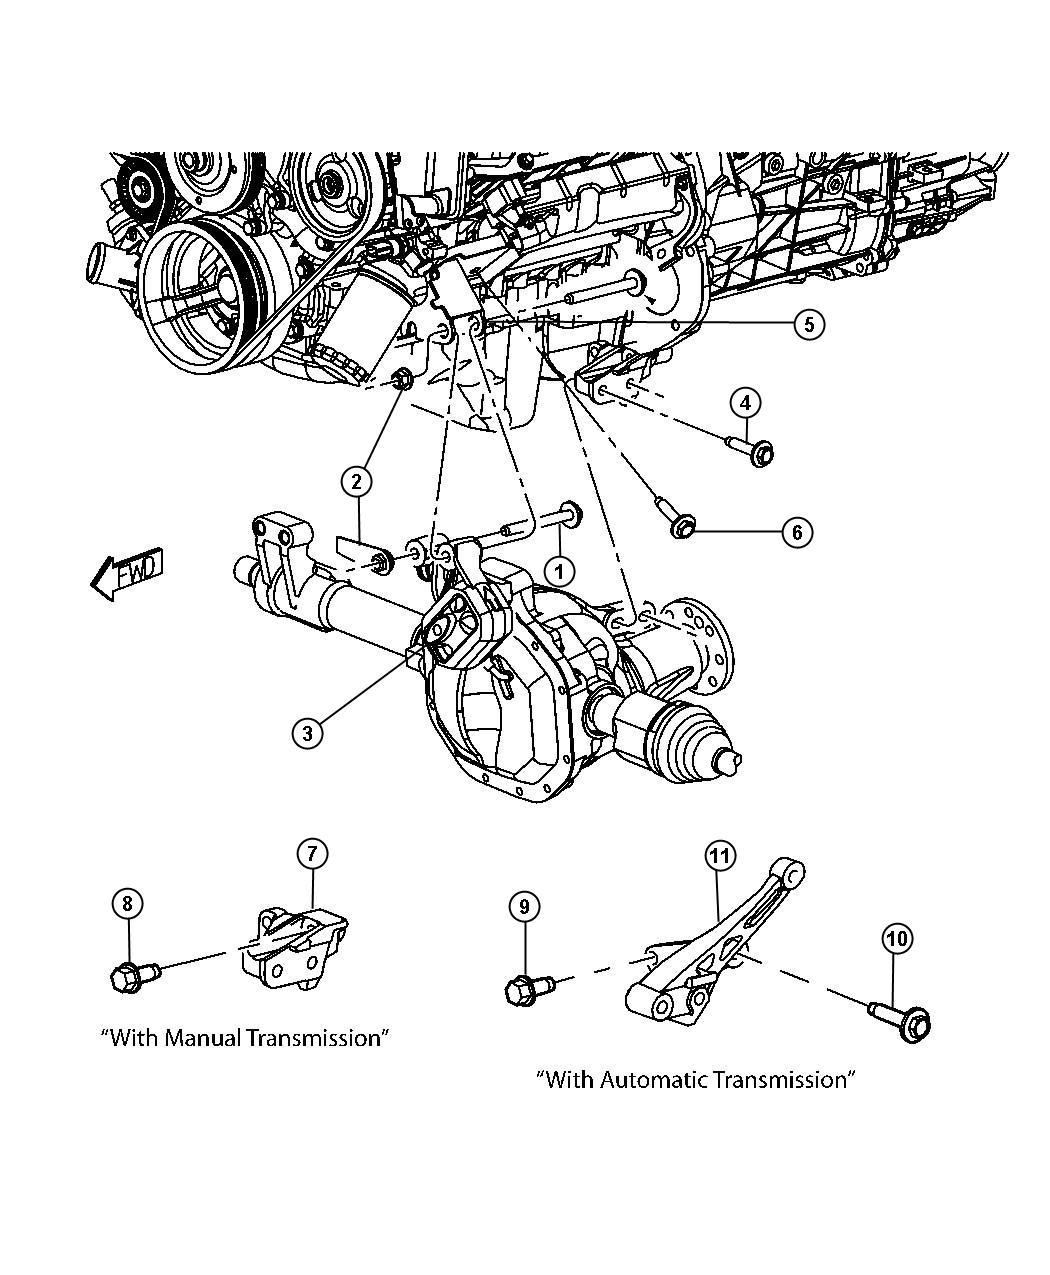 Dodge 4 7 Magnum Engine Diagrams